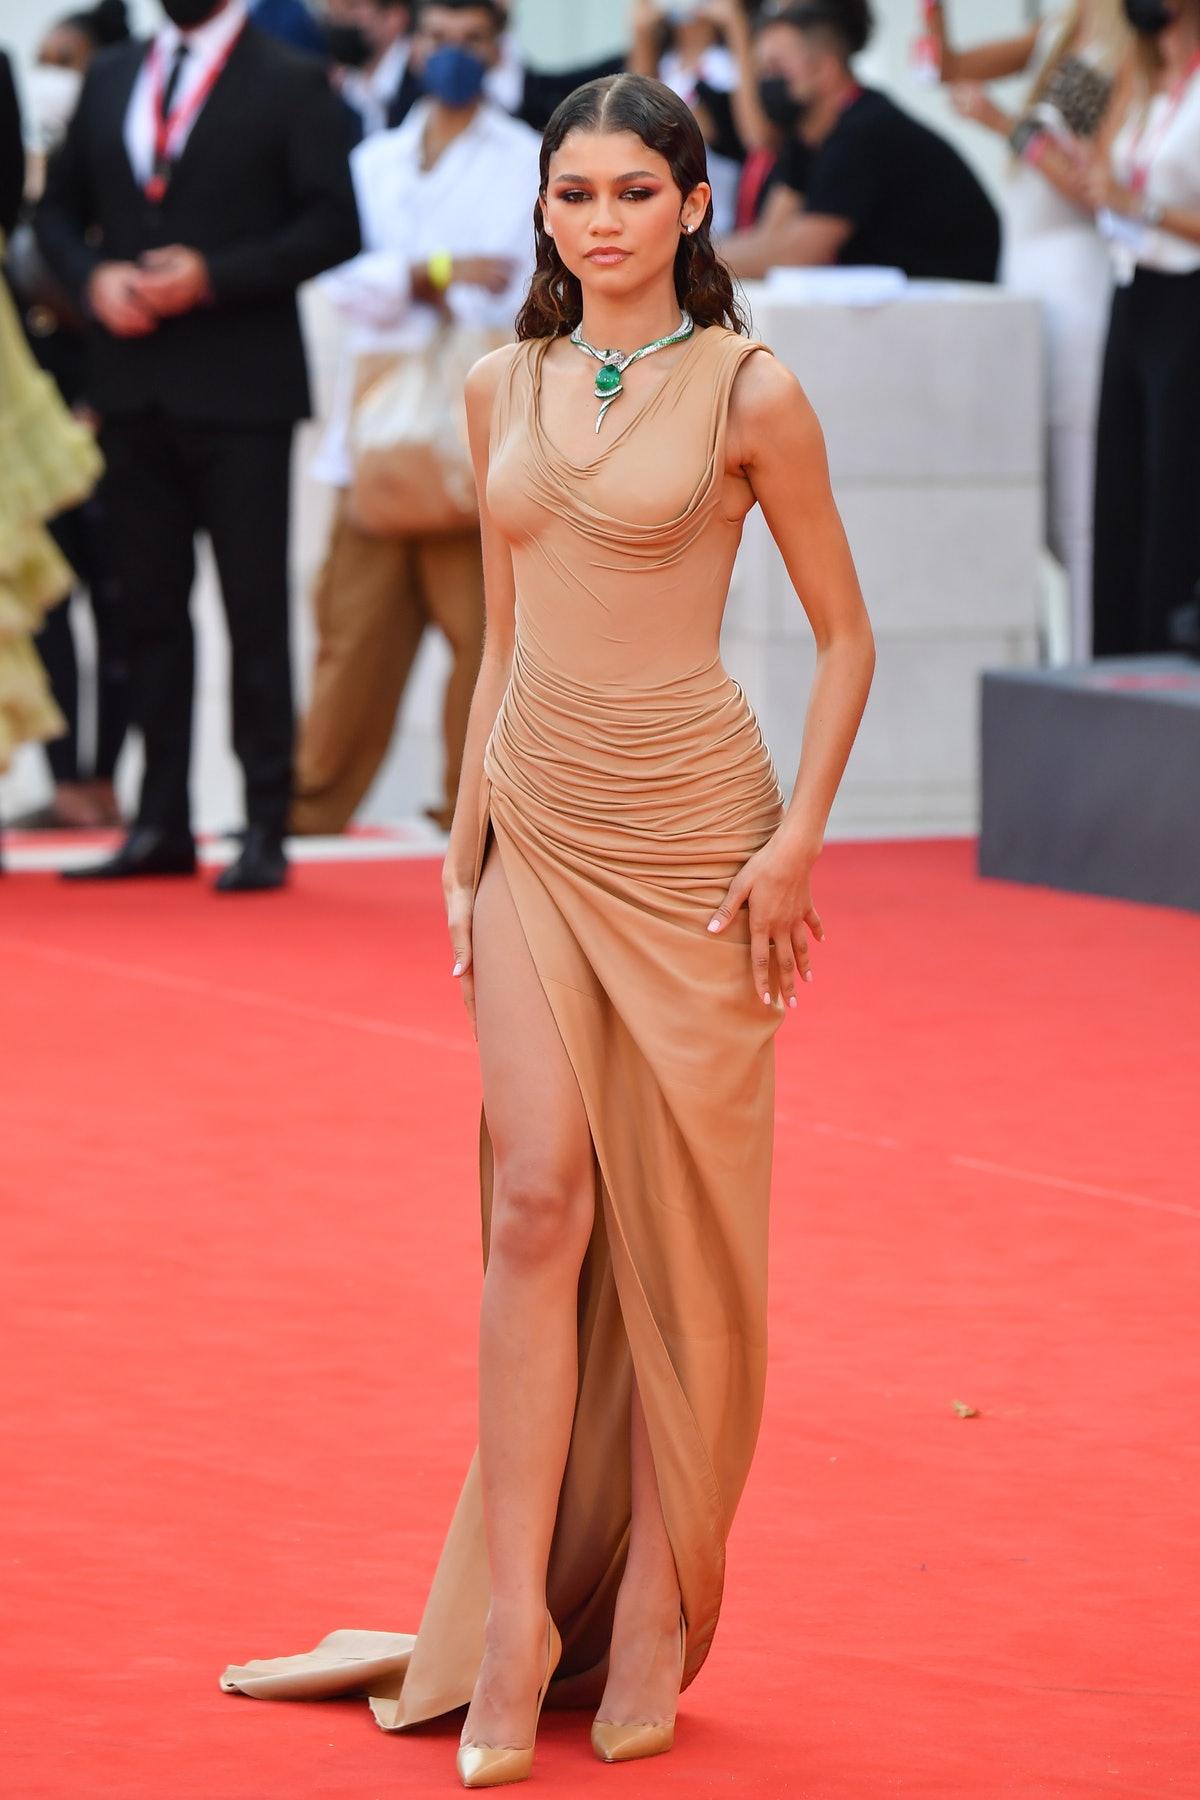 Độc đáo, tinh tế trên thảm đỏ LHP Venice lần này không thể không nhắc đến Zendaya. Bộ váy màu nude, trông như ướt sũng, ôm sát cơ thể giúp người đẹp phô diễn tối đa đường cong của cơ thể. Cô kết hợp với mốt tóc ướt, trang sức kim cương càng tăng thêm sự cuốn hút.